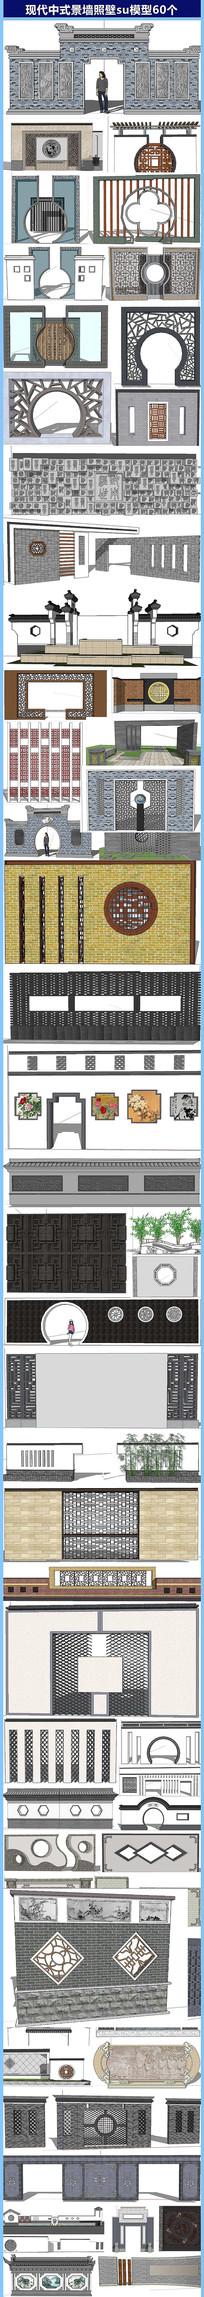 现代中式景墙照壁su模型60个